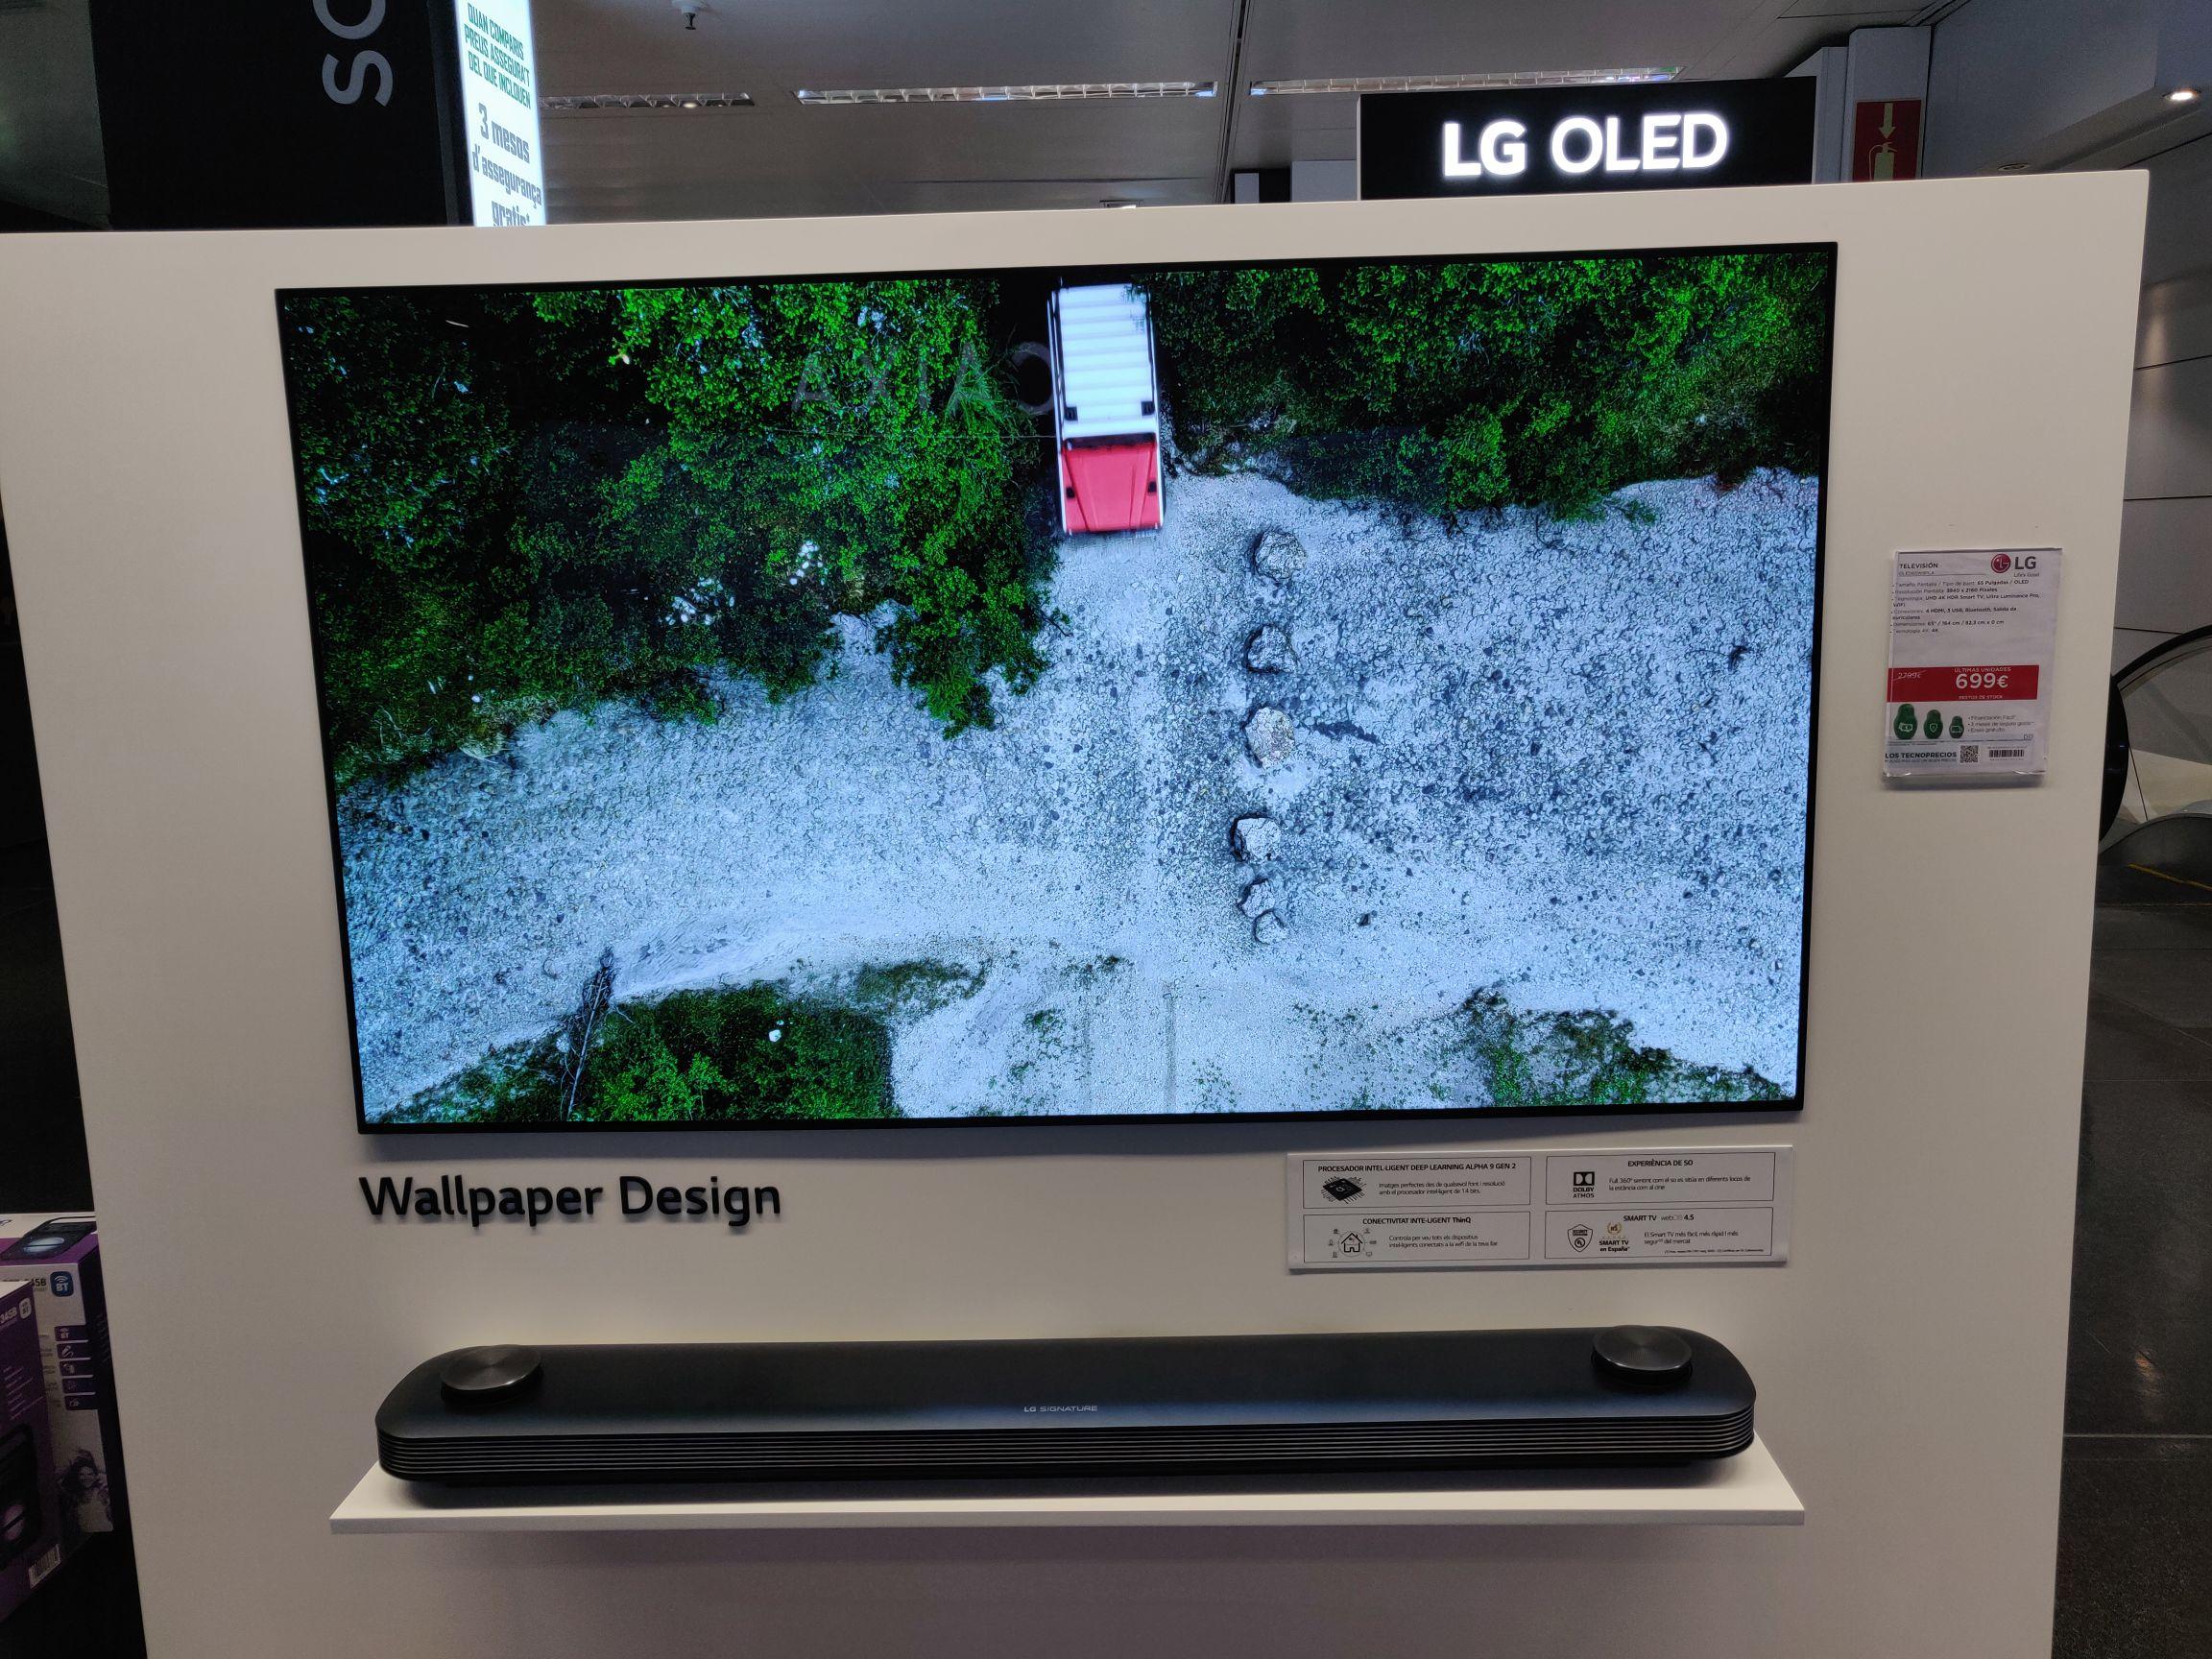 LG oled 65w8pla + barra de sonido en el corte inglés plaza cataluña